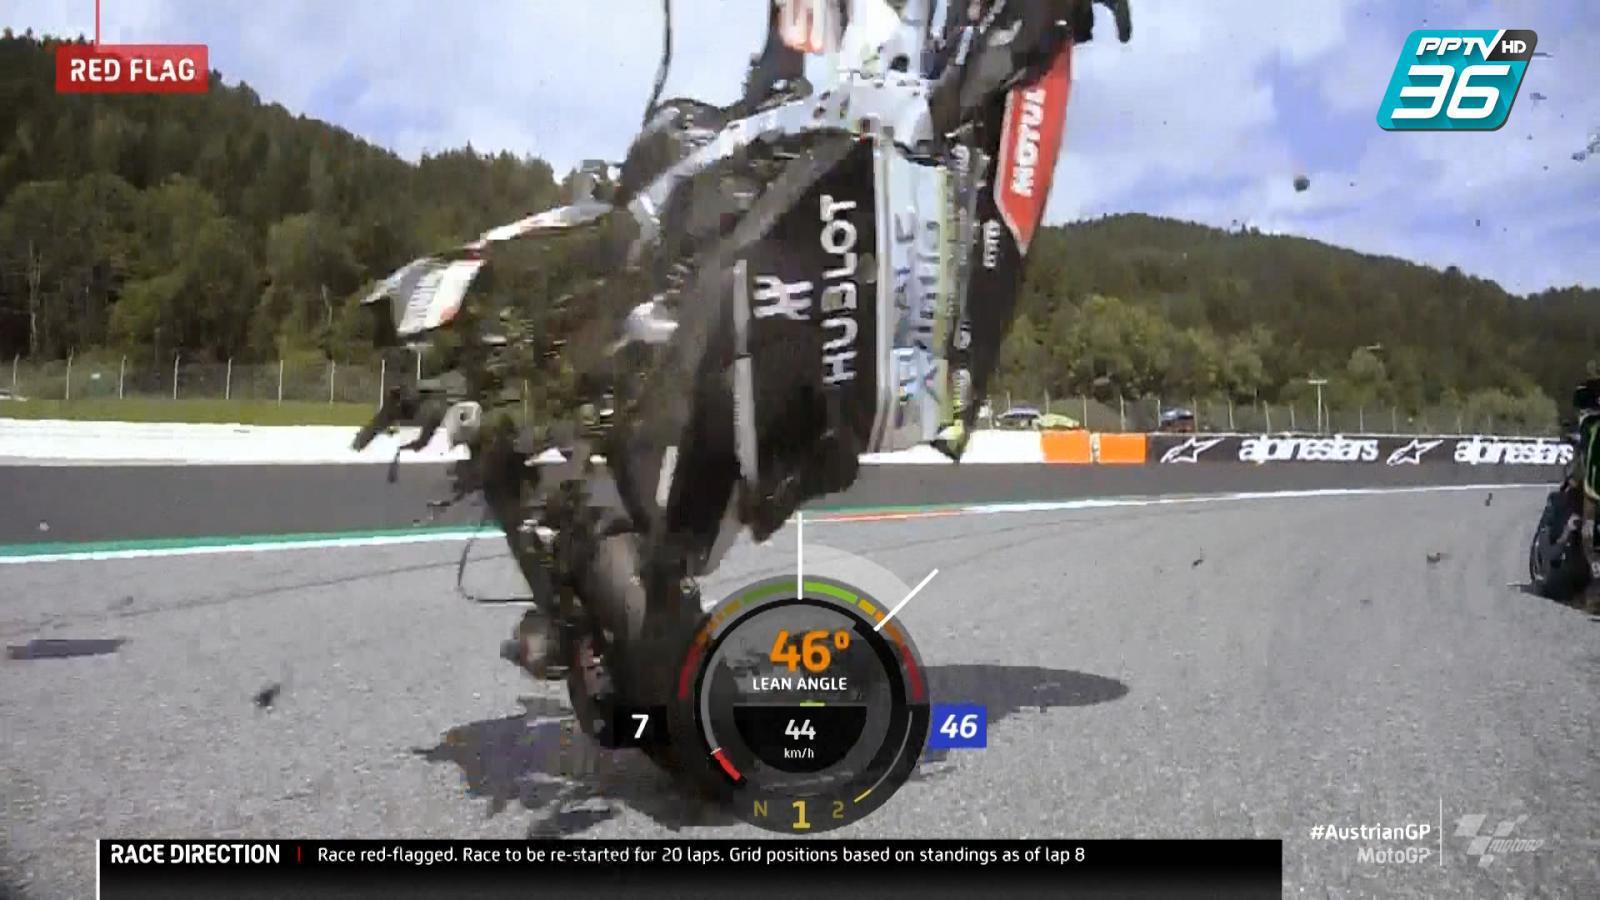 ภาพจากหน้ารถของ Valentino Rossi รอดมาได้หวุดหวิด